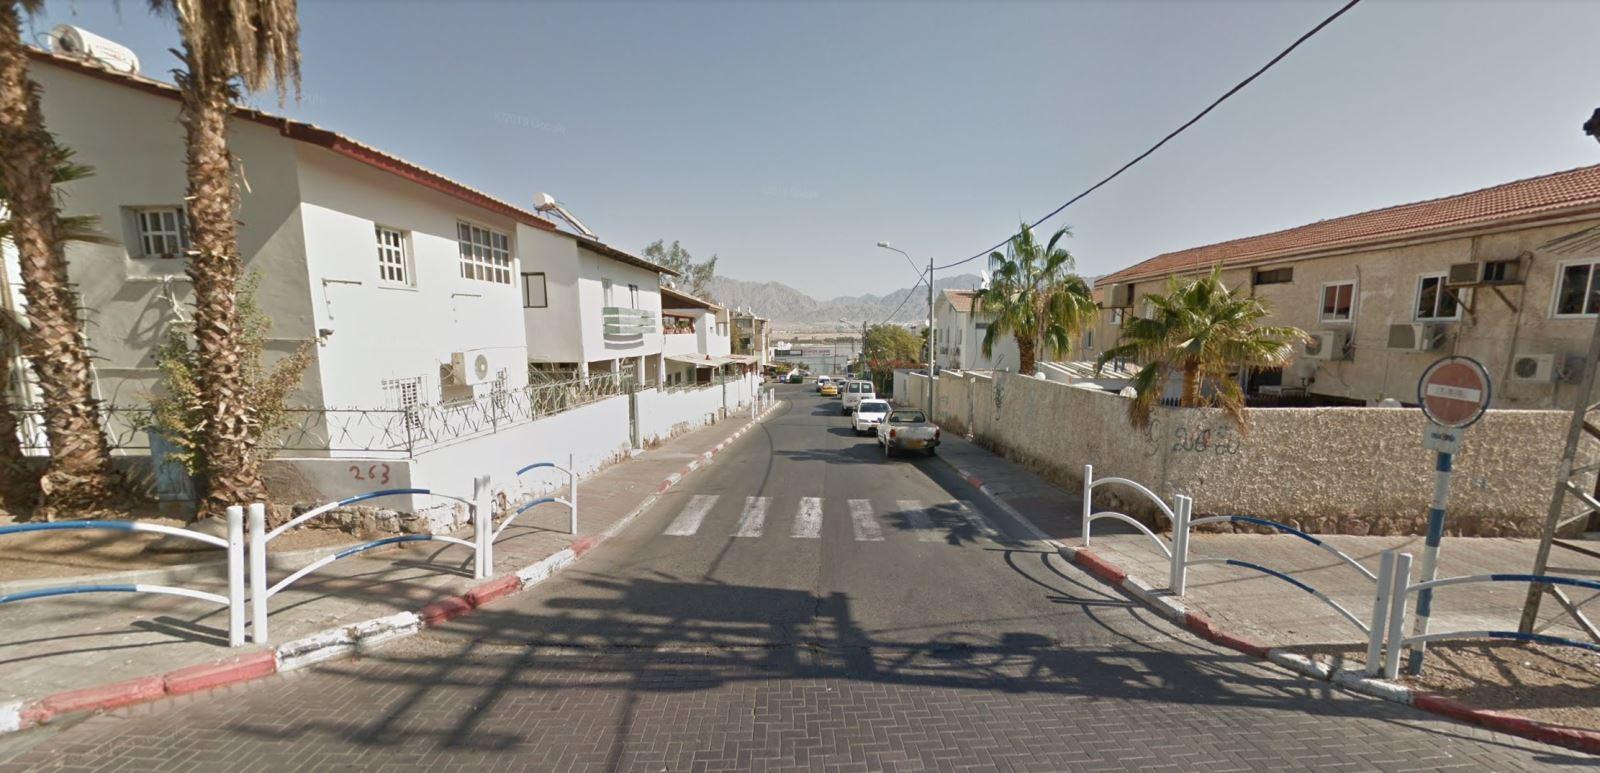 חמישה צוותי כיבוי וחילוץ פעלו כעת בשריפה שפרצה בדירת מגורים בשכונה א׳ באילת